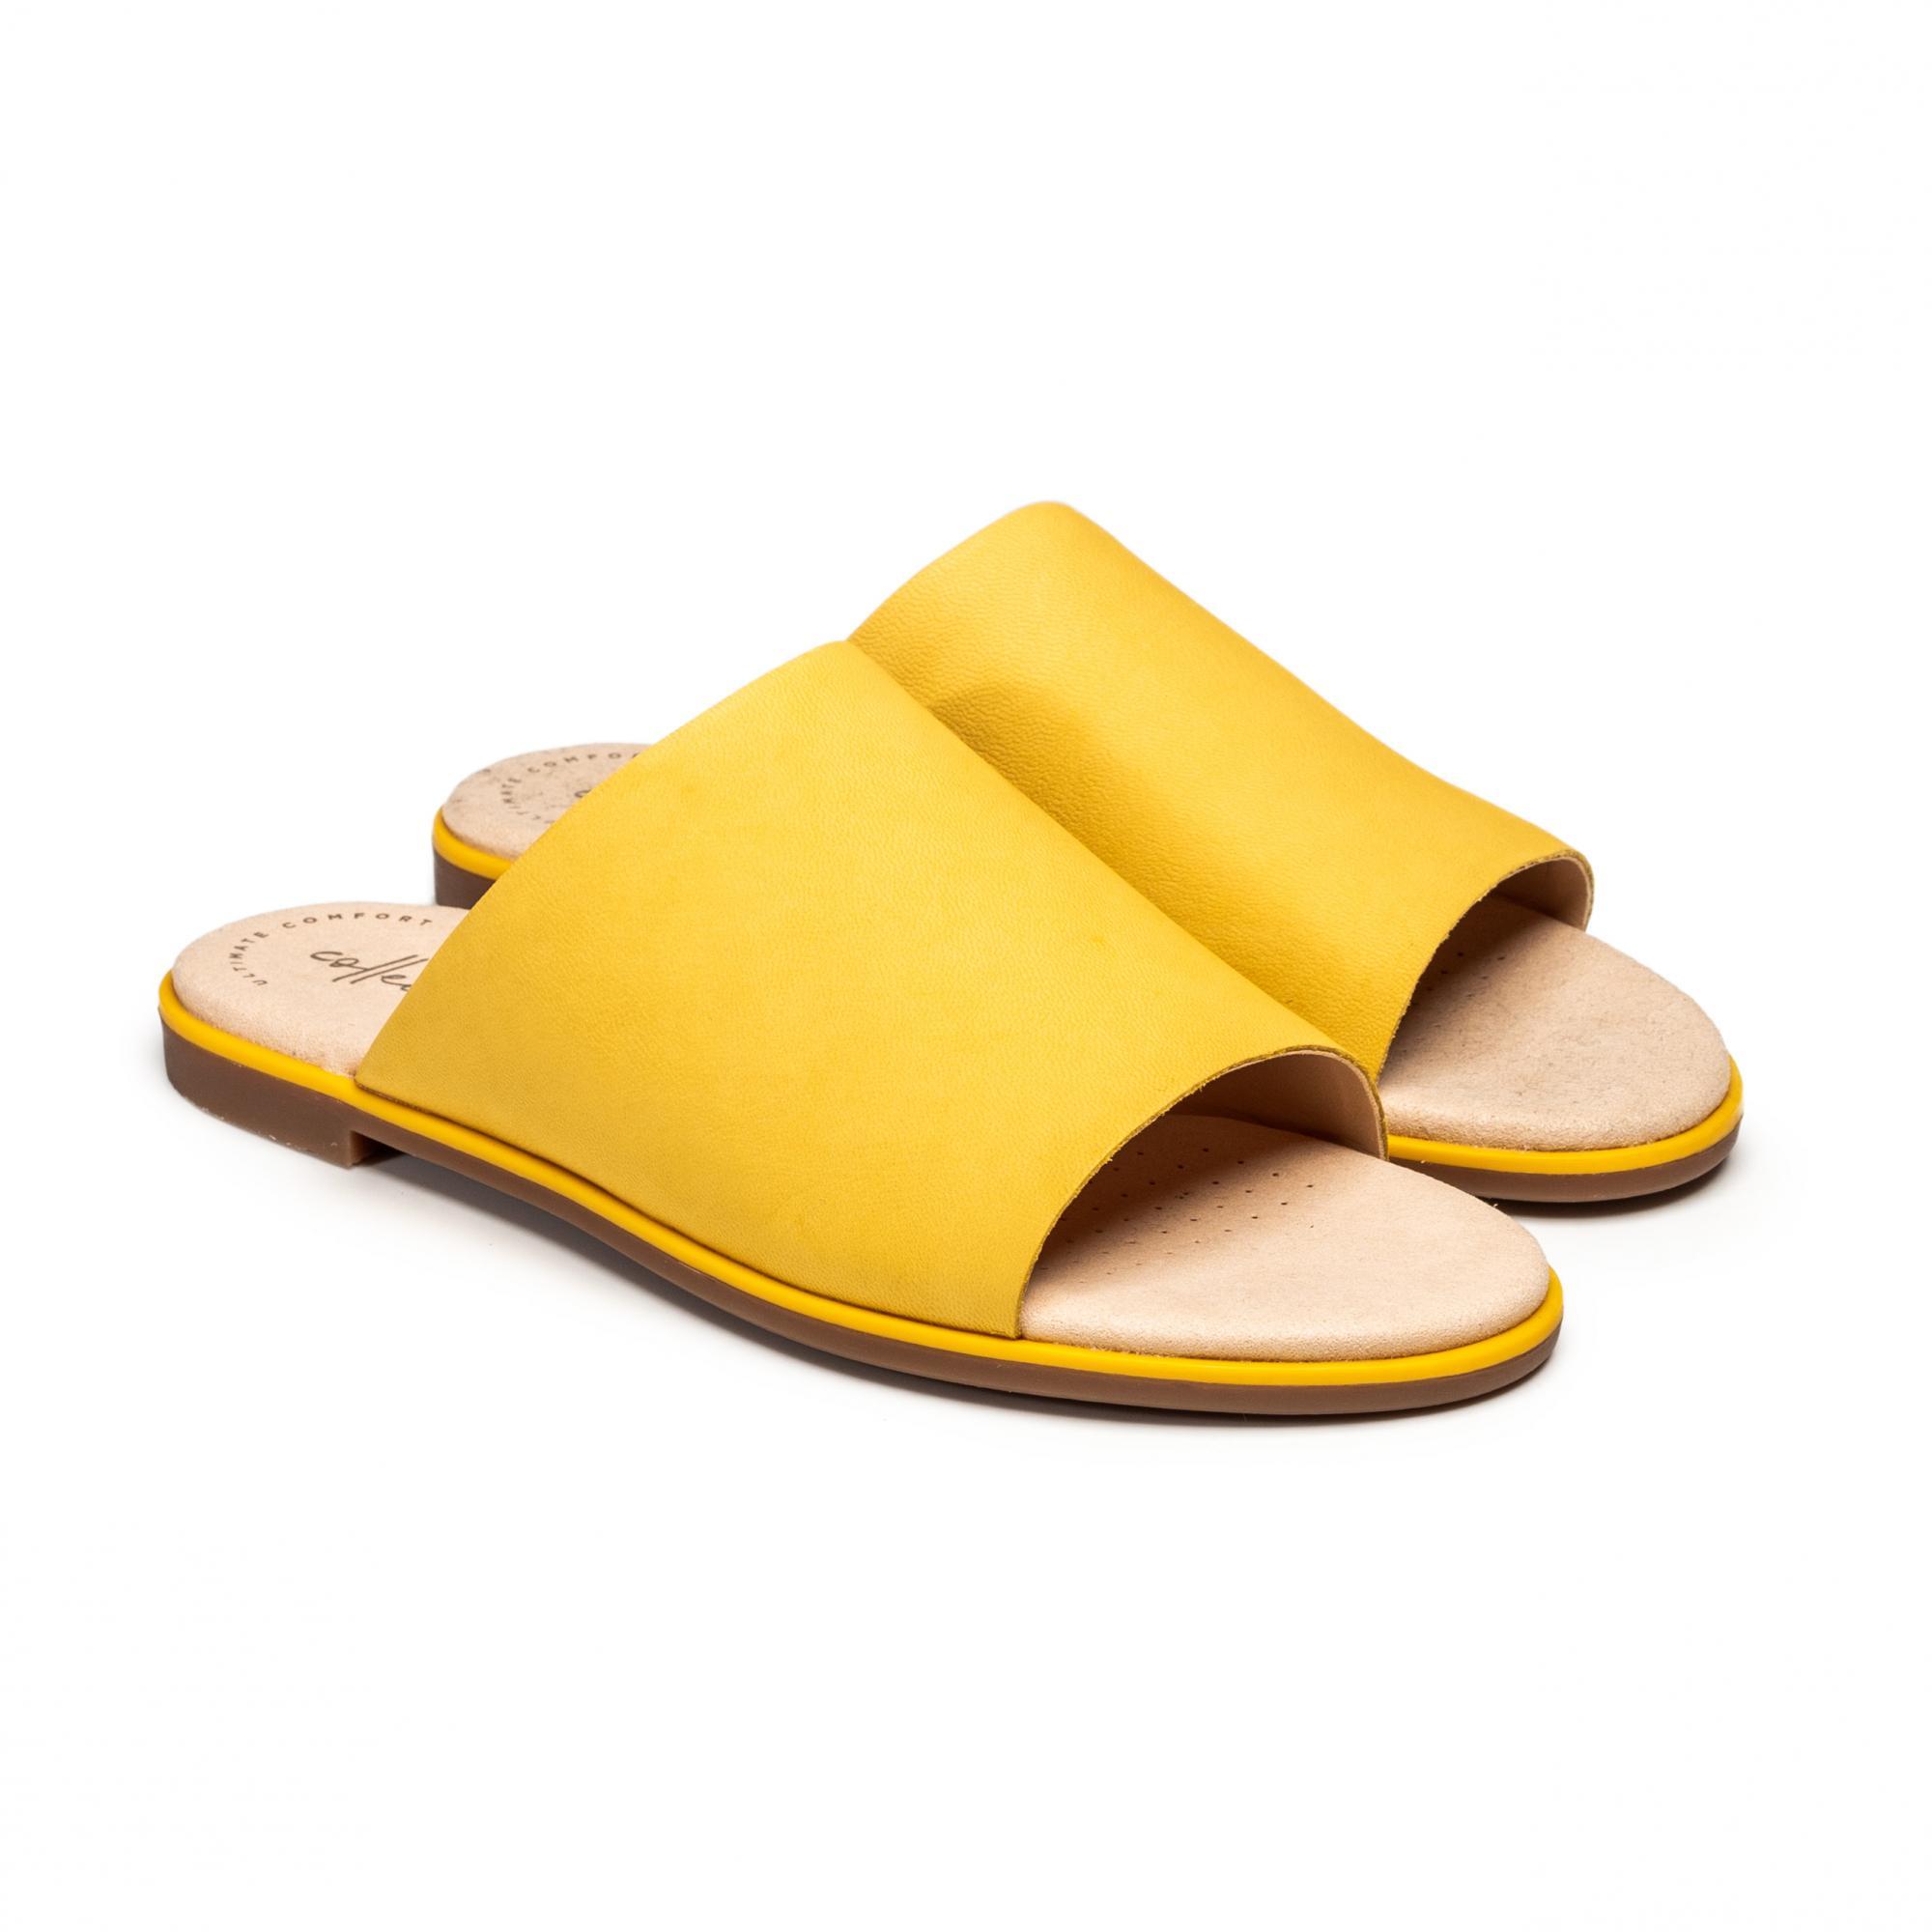 Сабо женские Clarks Bay Petal желтые 37 EU